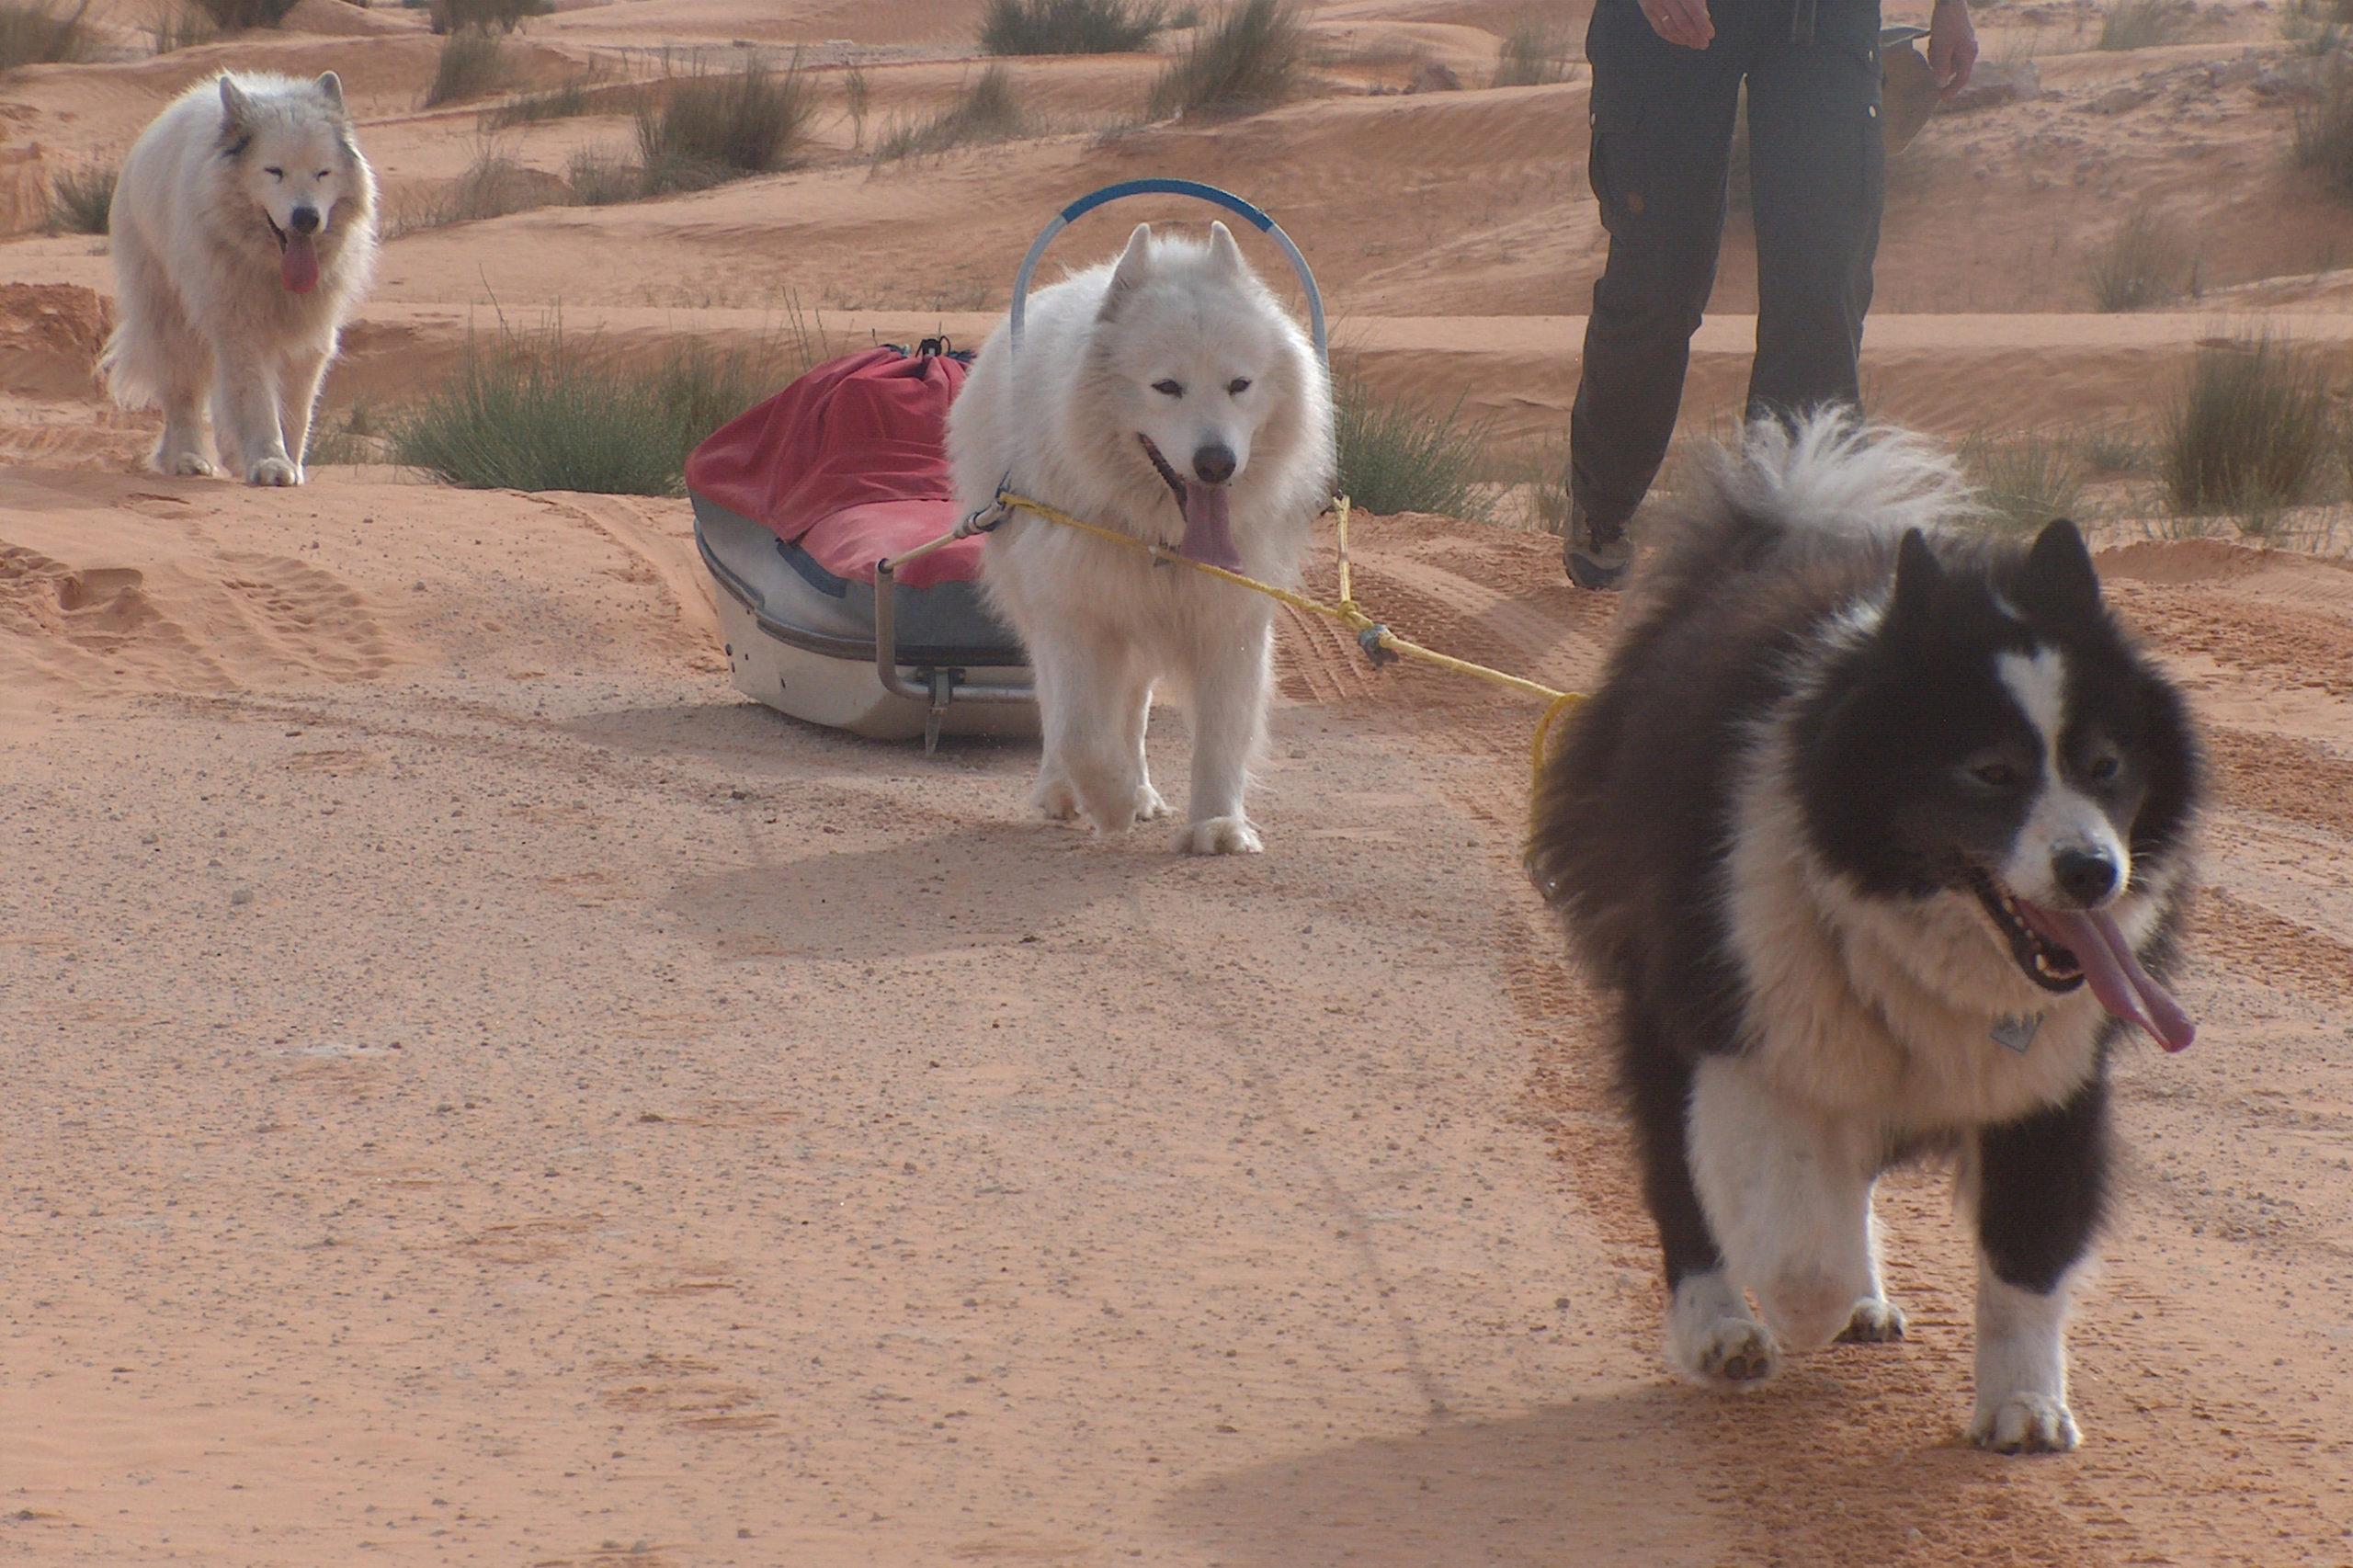 Hundeschlitten Wanderung Wüste